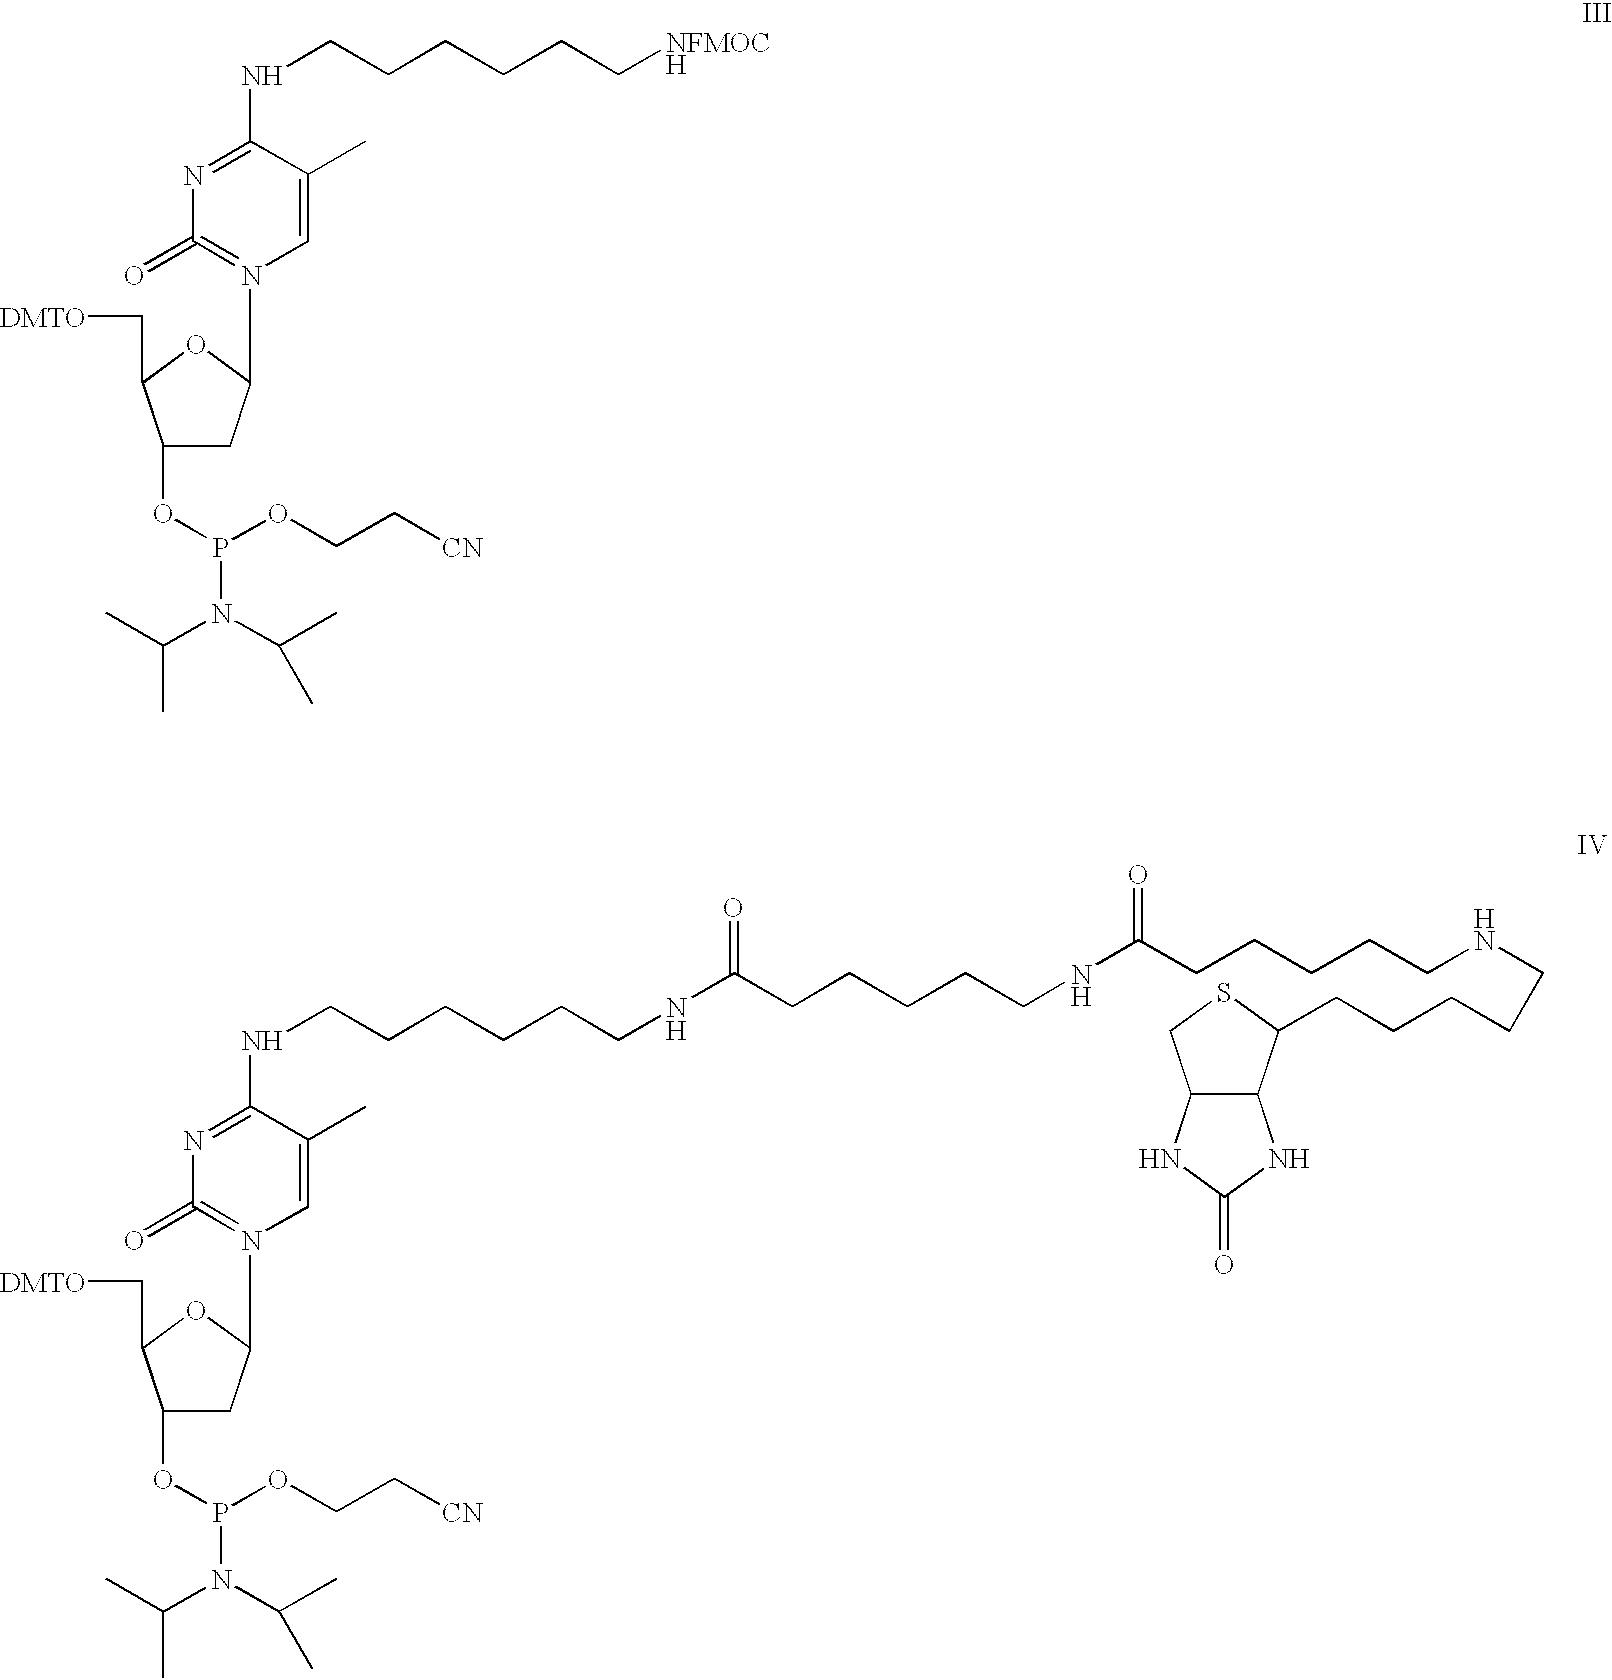 Figure US06451536-20020917-C00005